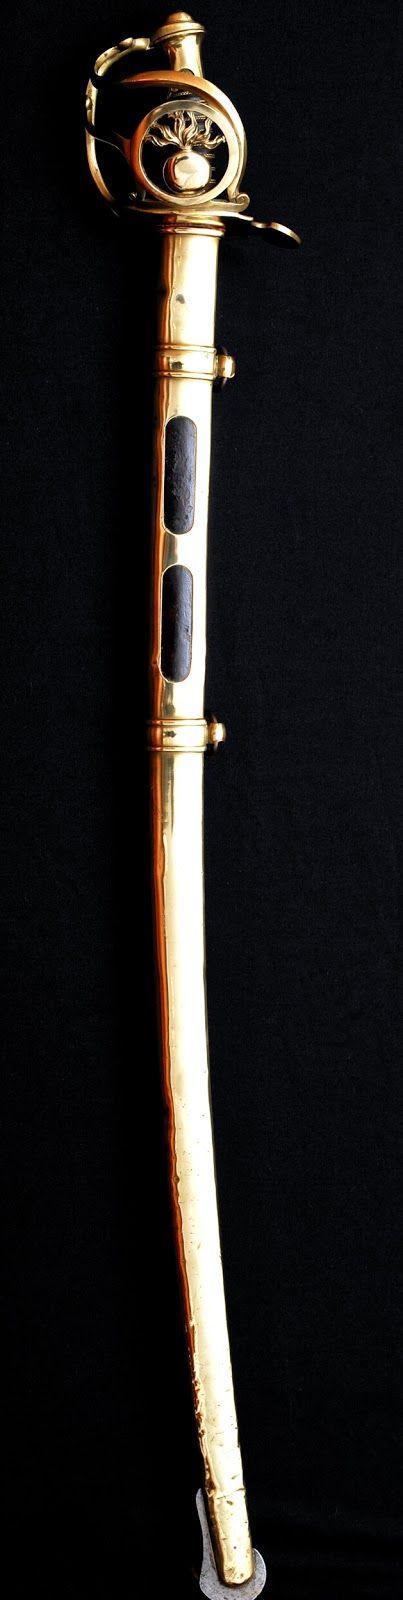 Collection de Sabres et Epées des Guerres Napoléoniennes: Sabre Grenadier à Cheval de la Garde Impériale